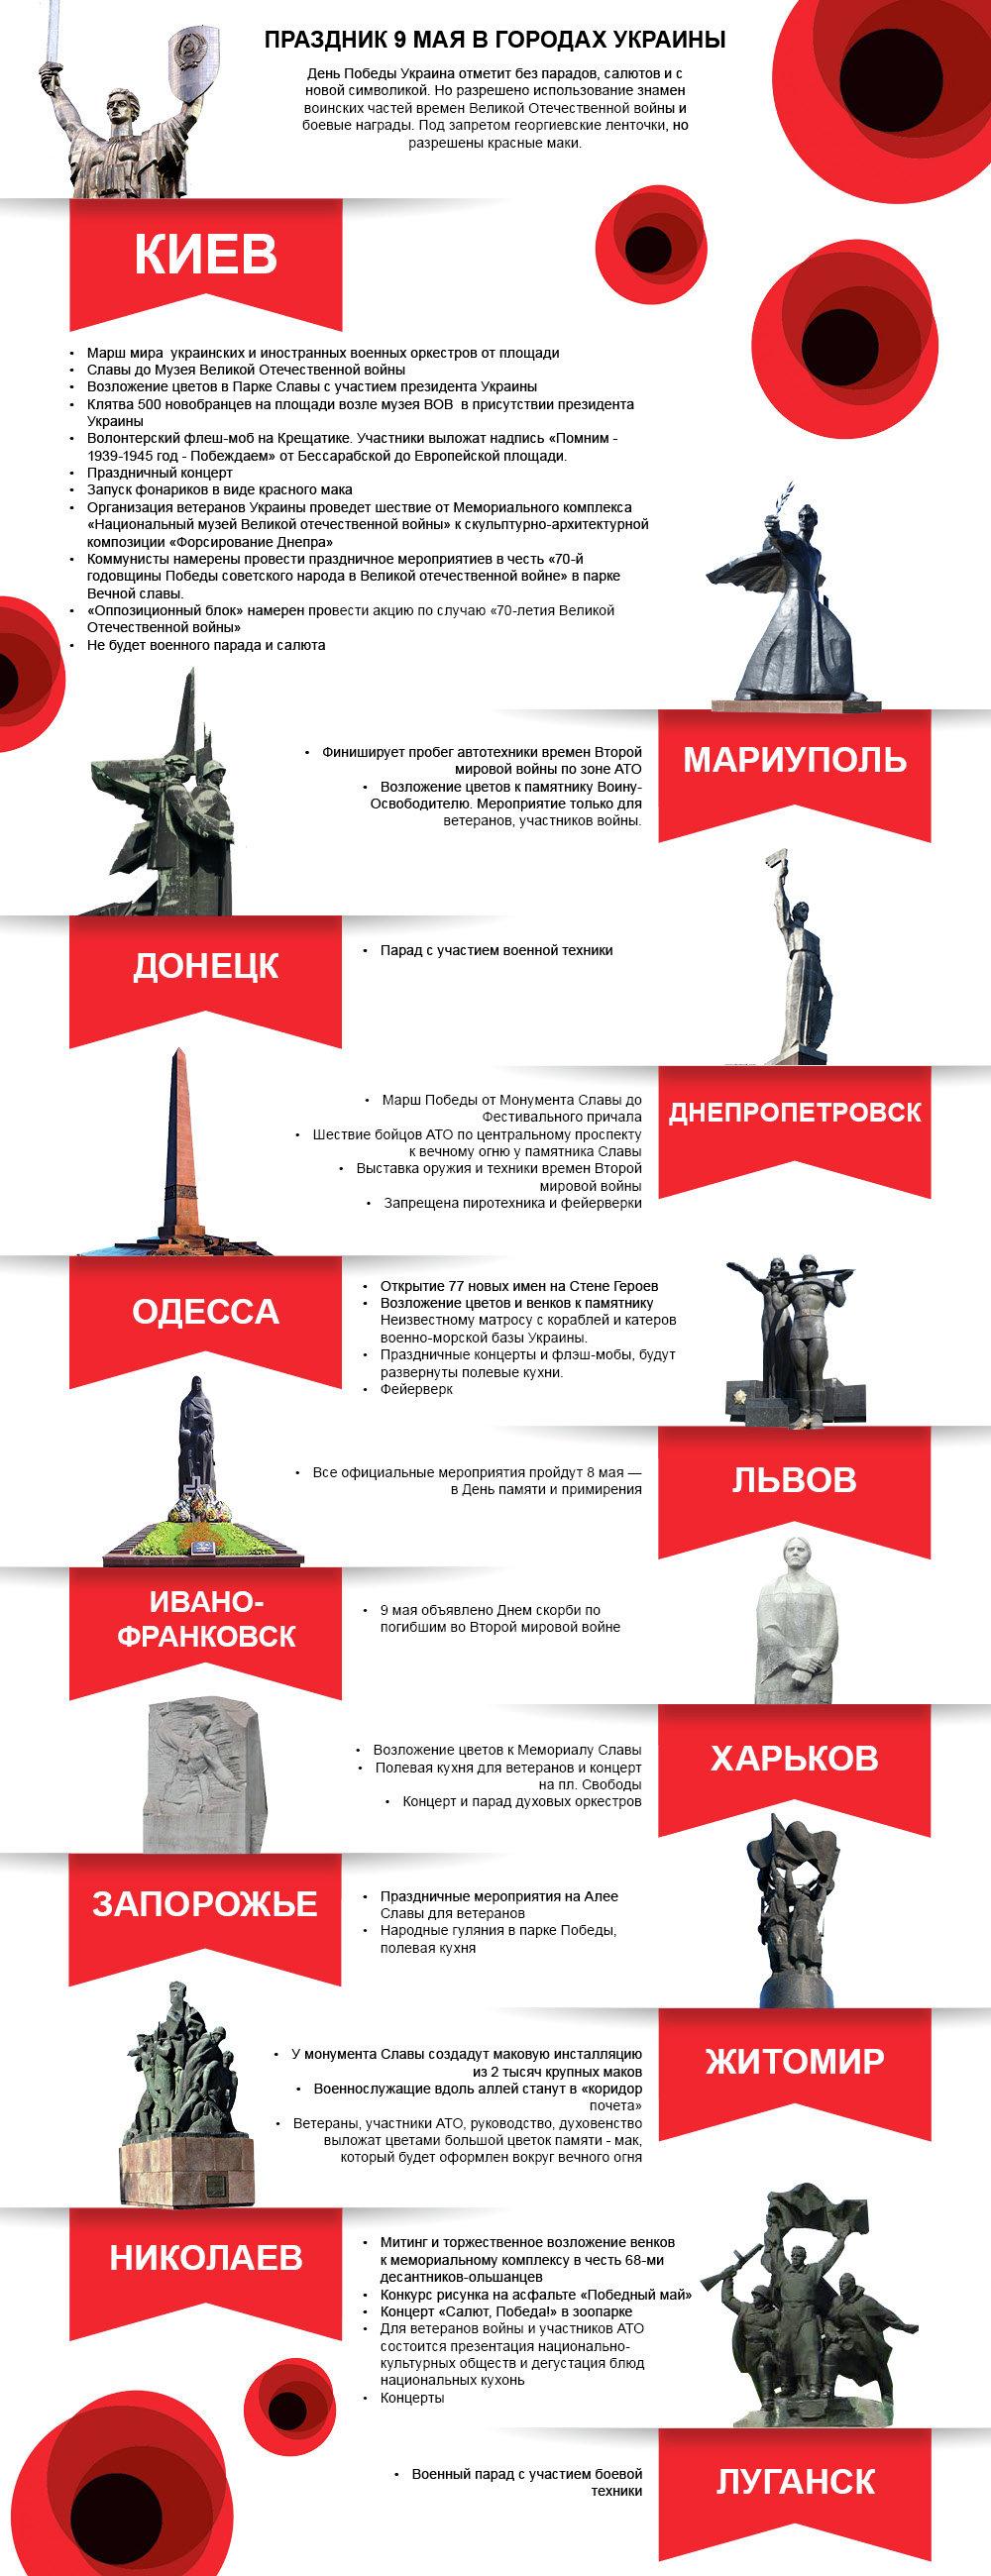 День Победы в городах Украины. Инфографика